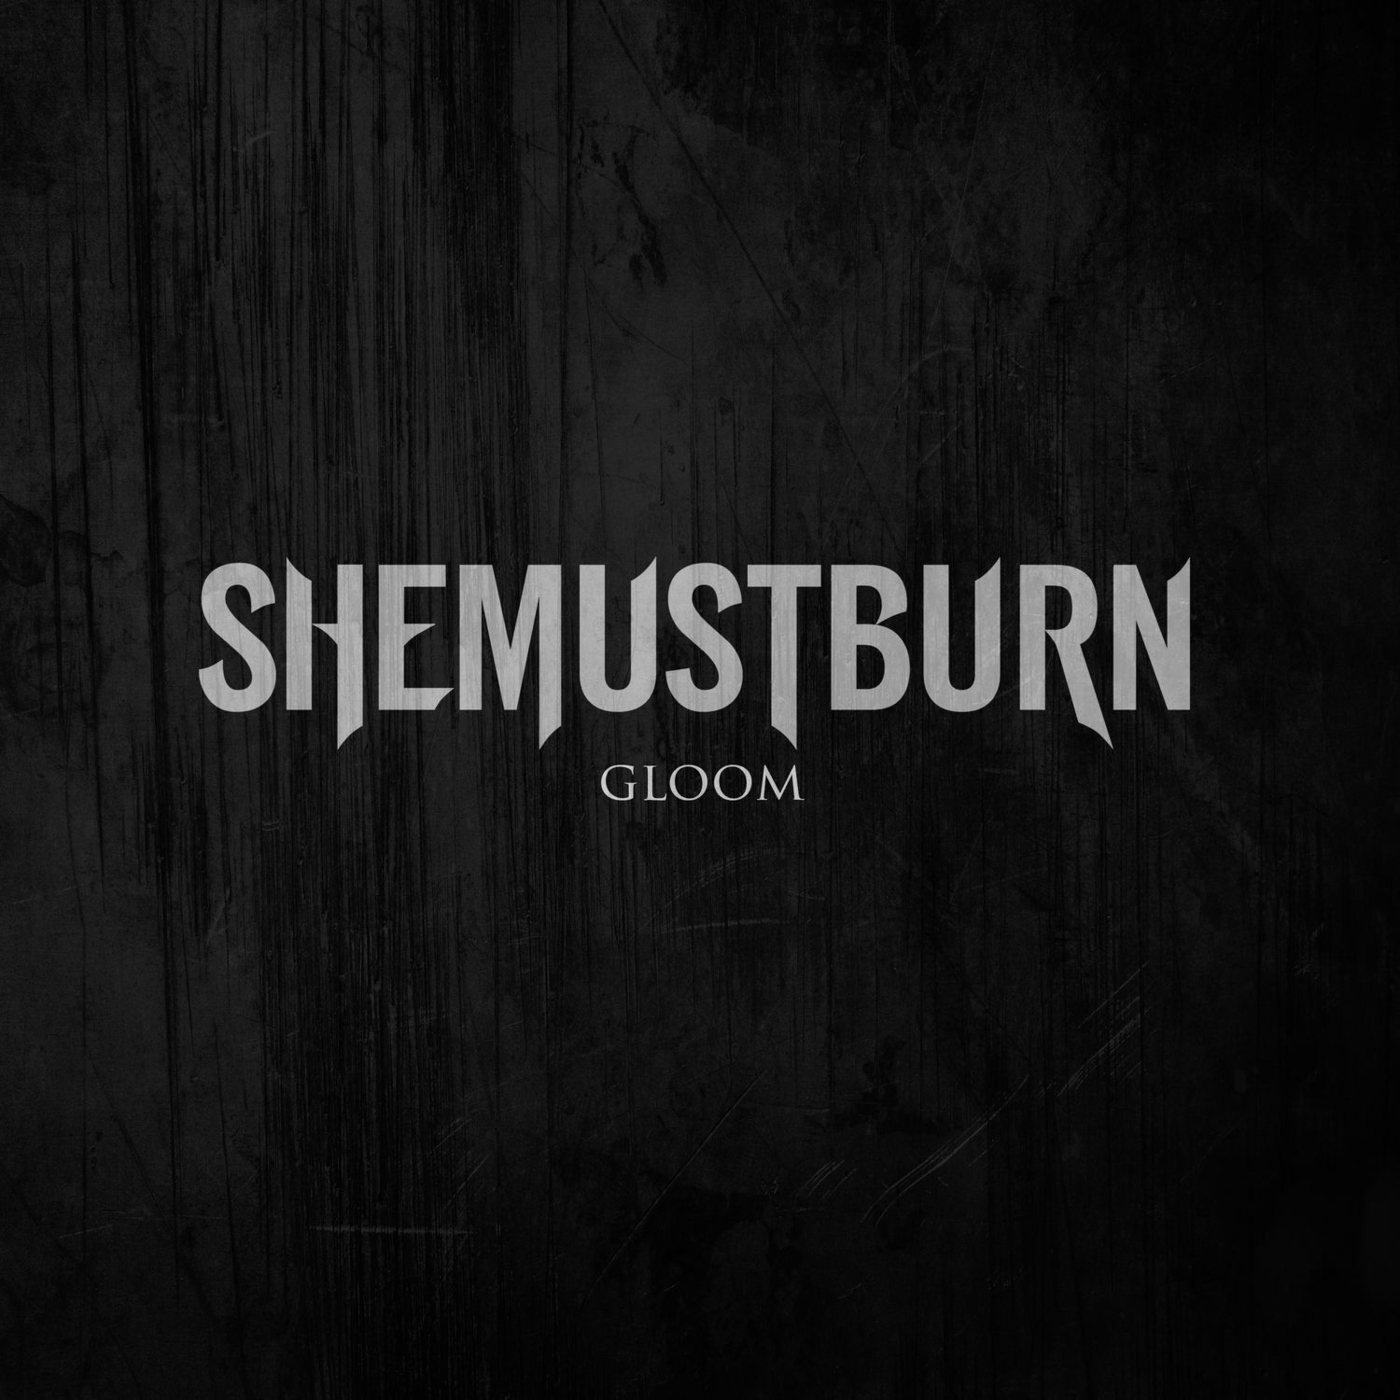 She Must Burn - Gloom [single] (2017)